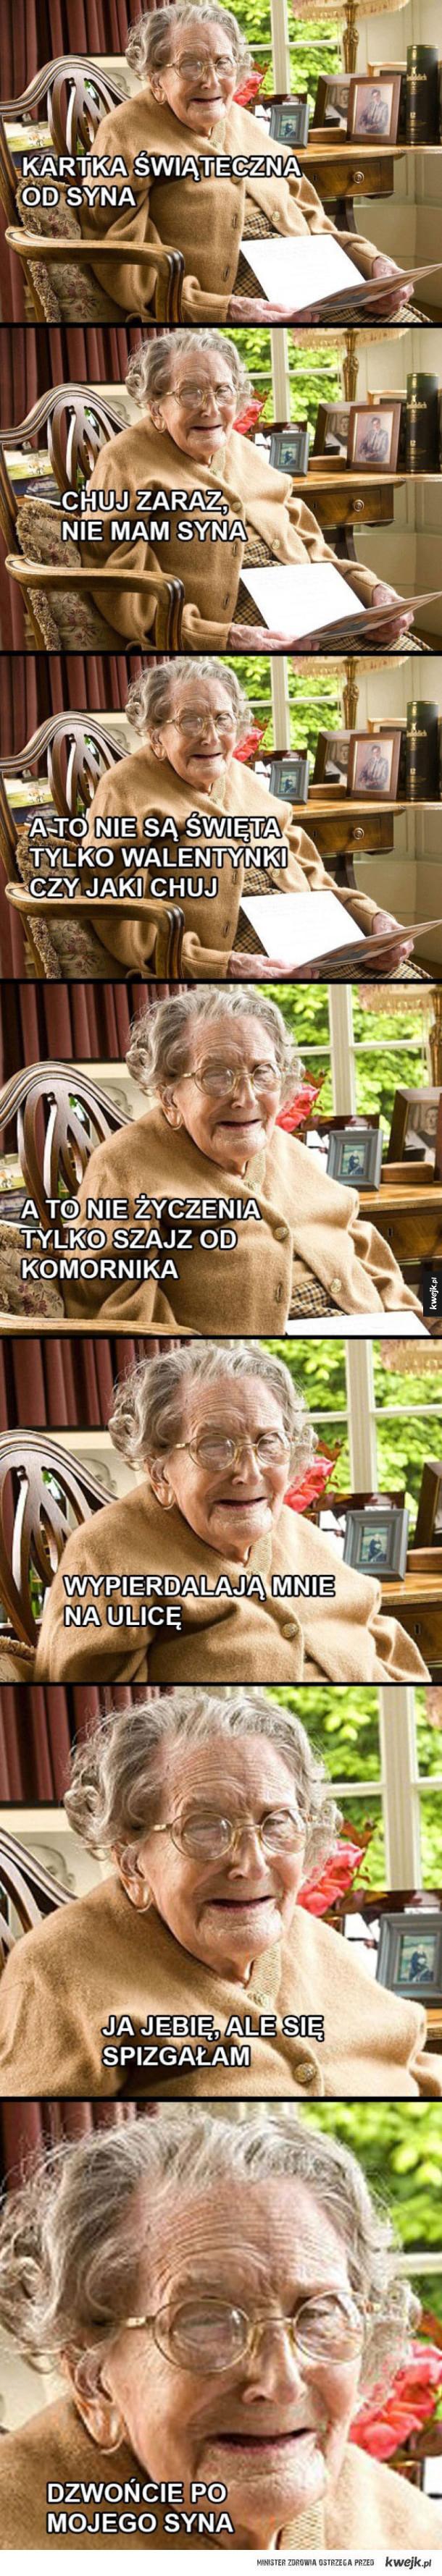 Porobiona babcia